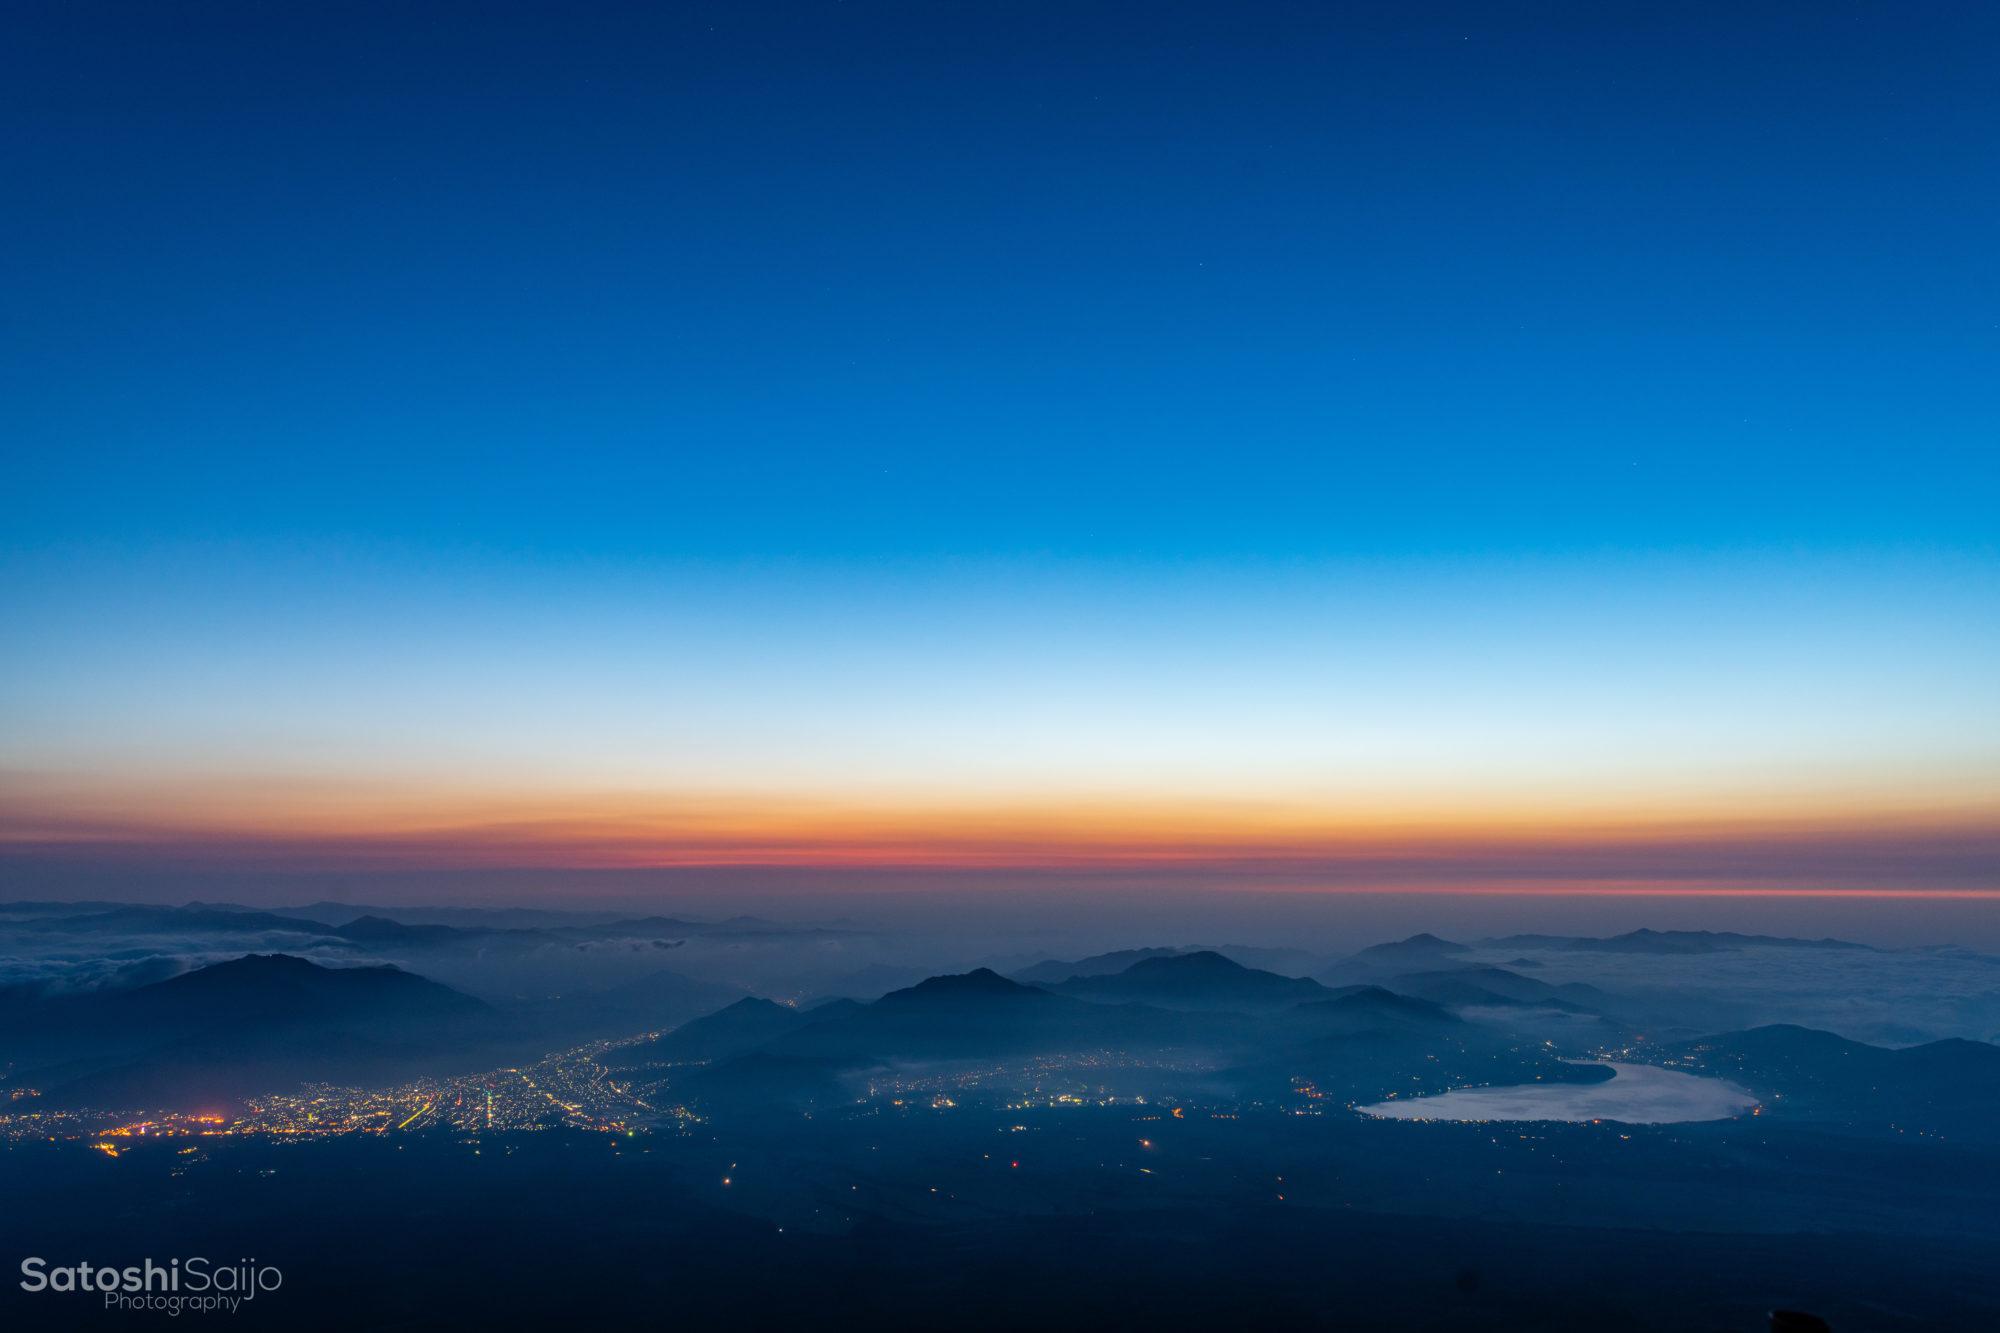 富士山から夜から朝へ変わる景色